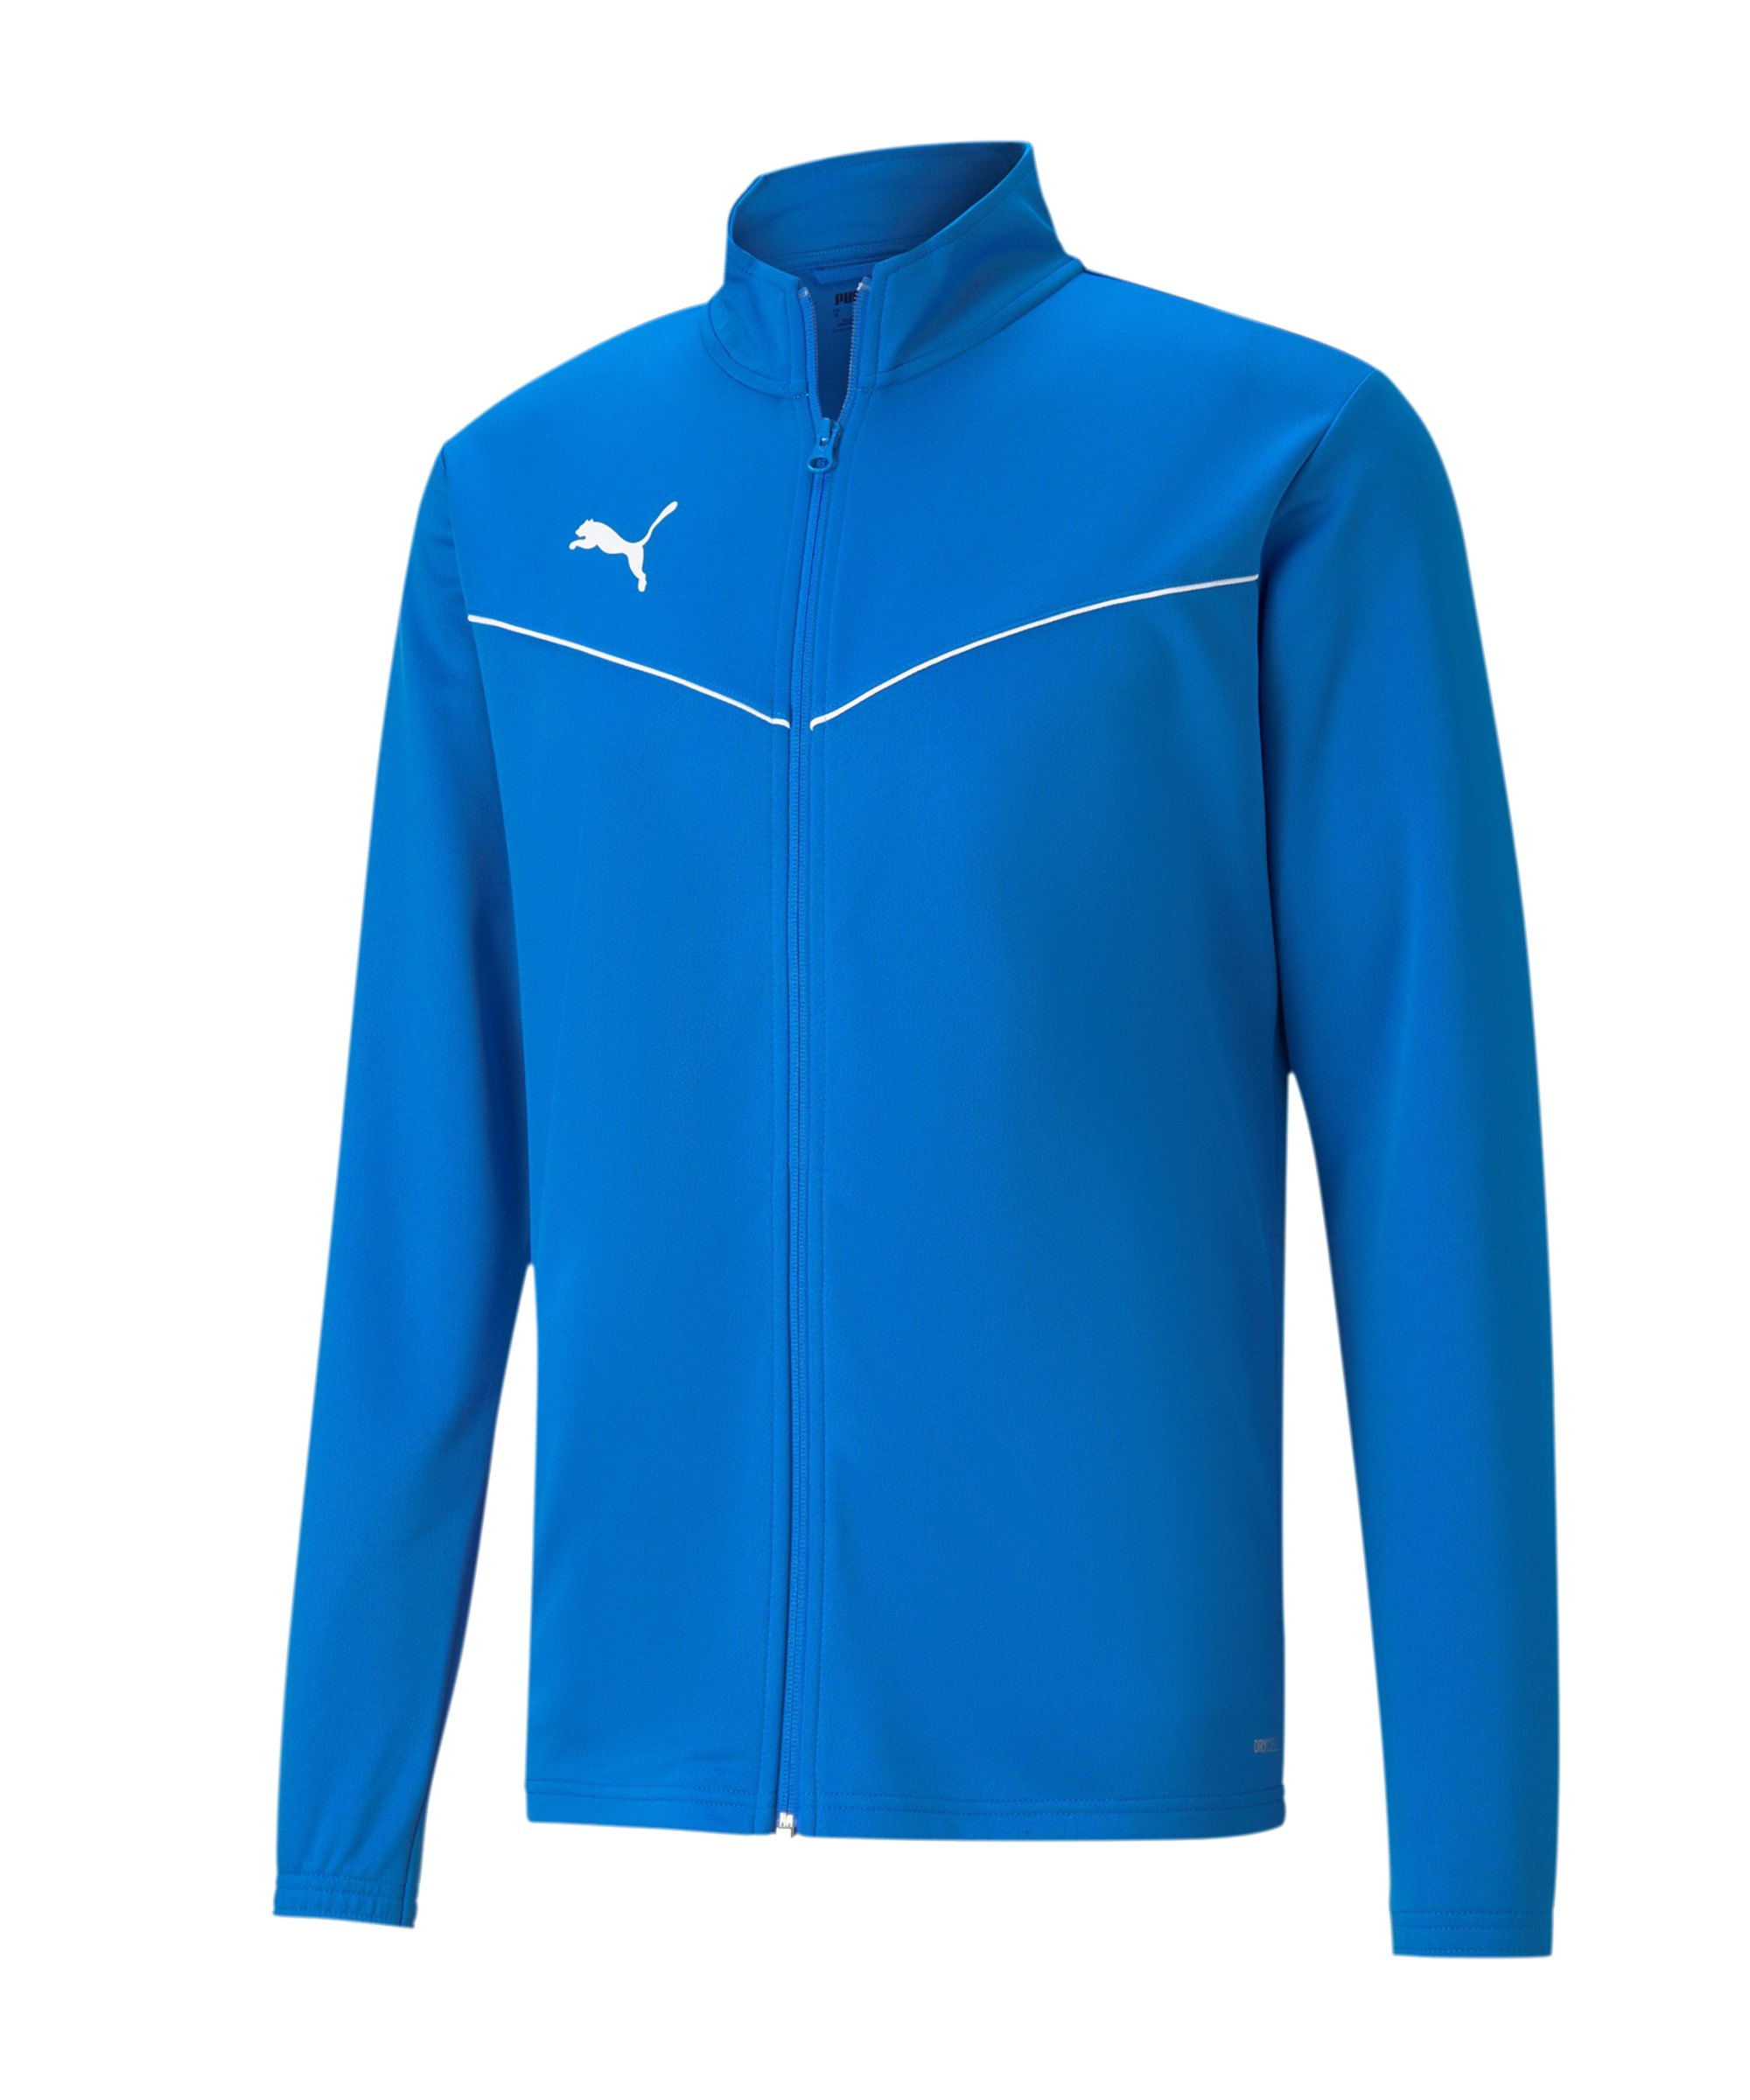 PUMA teamRISE Poly Trainingsjacke Blau F02 - blau